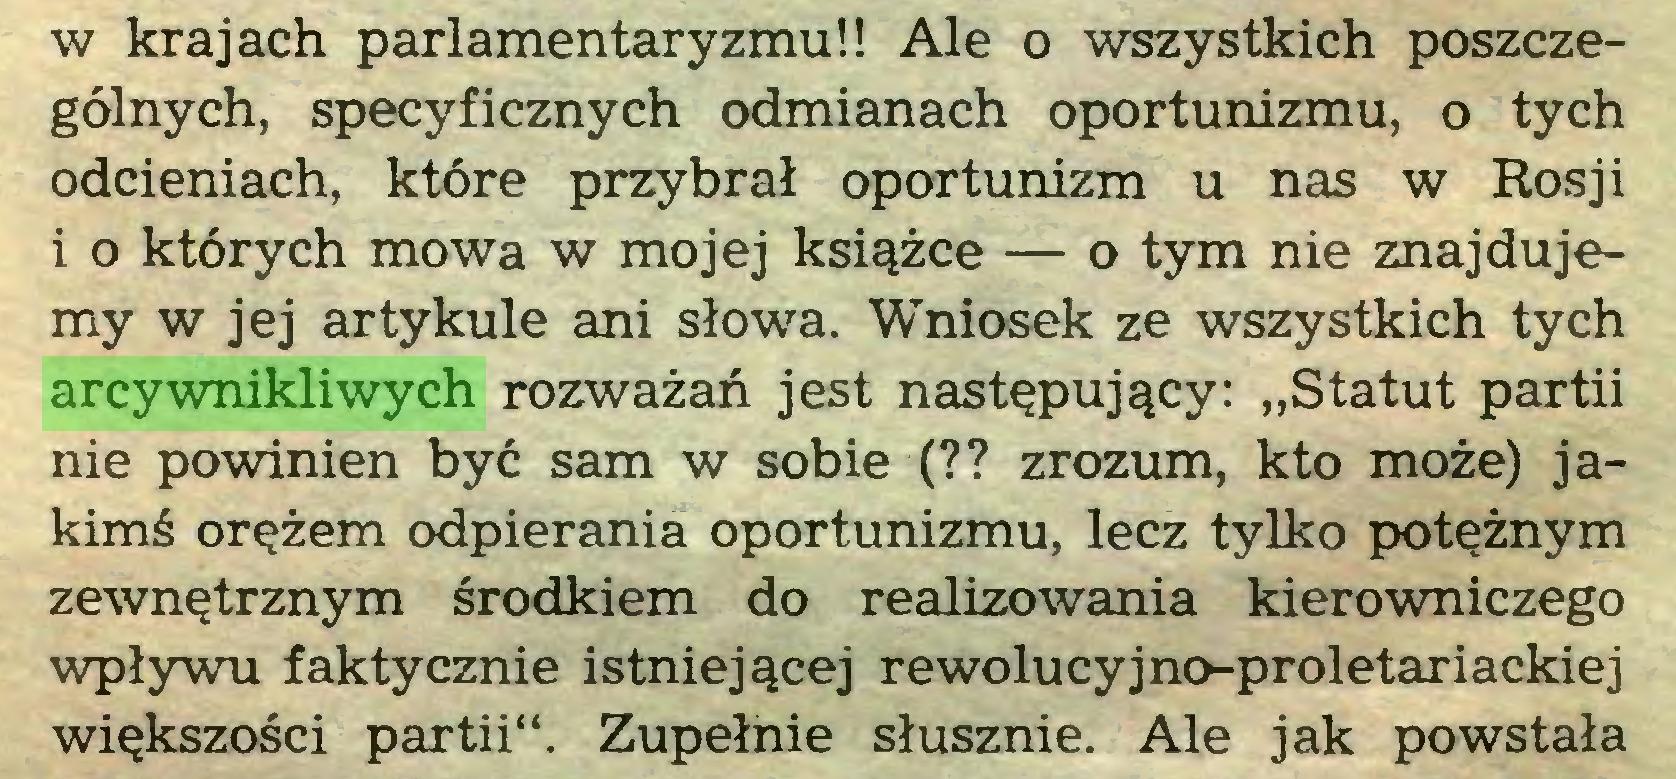 """(...) w krajach parlamentaryzmu!! Ale o wszystkich poszczególnych, specyficznych odmianach oportunizmu, o tych odcieniach, które przybrał oportunizm u nas w Rosji i o których mowa w mojej książce — o tym nie znajdujemy w jej artykule ani słowa. Wniosek ze wszystkich tych arcywnikliwych rozważań jest następujący: """"Statut partii nie powinien być sam w sobie (?? zrozum, kto może) jakimś orężem odpierania oportunizmu, lecz tylko potężnym zewnętrznym środkiem do realizowania kierowniczego wpływu faktycznie istniejącej rewolucyjno-proletariackiej większości partii"""". Zupełnie słusznie. Ale jak powstała..."""